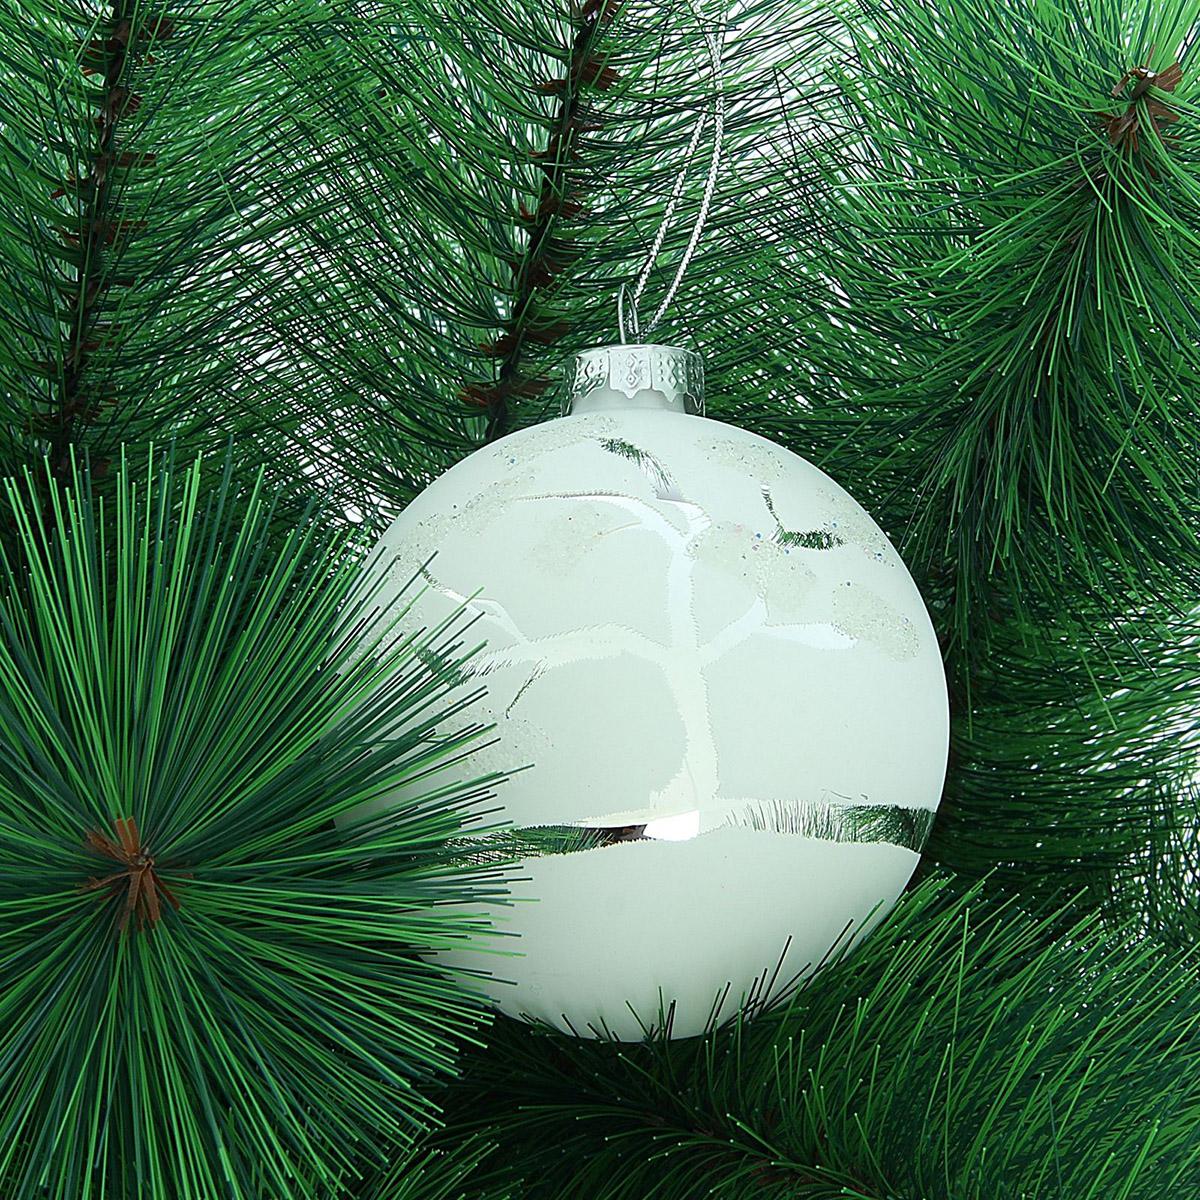 Новогоднее подвесное украшение Sima-land Деревце зеркальное, диаметр 8 см188125Новогоднее украшение Sima-land отлично подойдет для декорации вашего дома и новогодней ели. Елочная игрушка - символ Нового года. Она несет в себе волшебство и красоту праздника. Такое украшение создаст в вашем доме атмосферу праздника, веселья и радости.